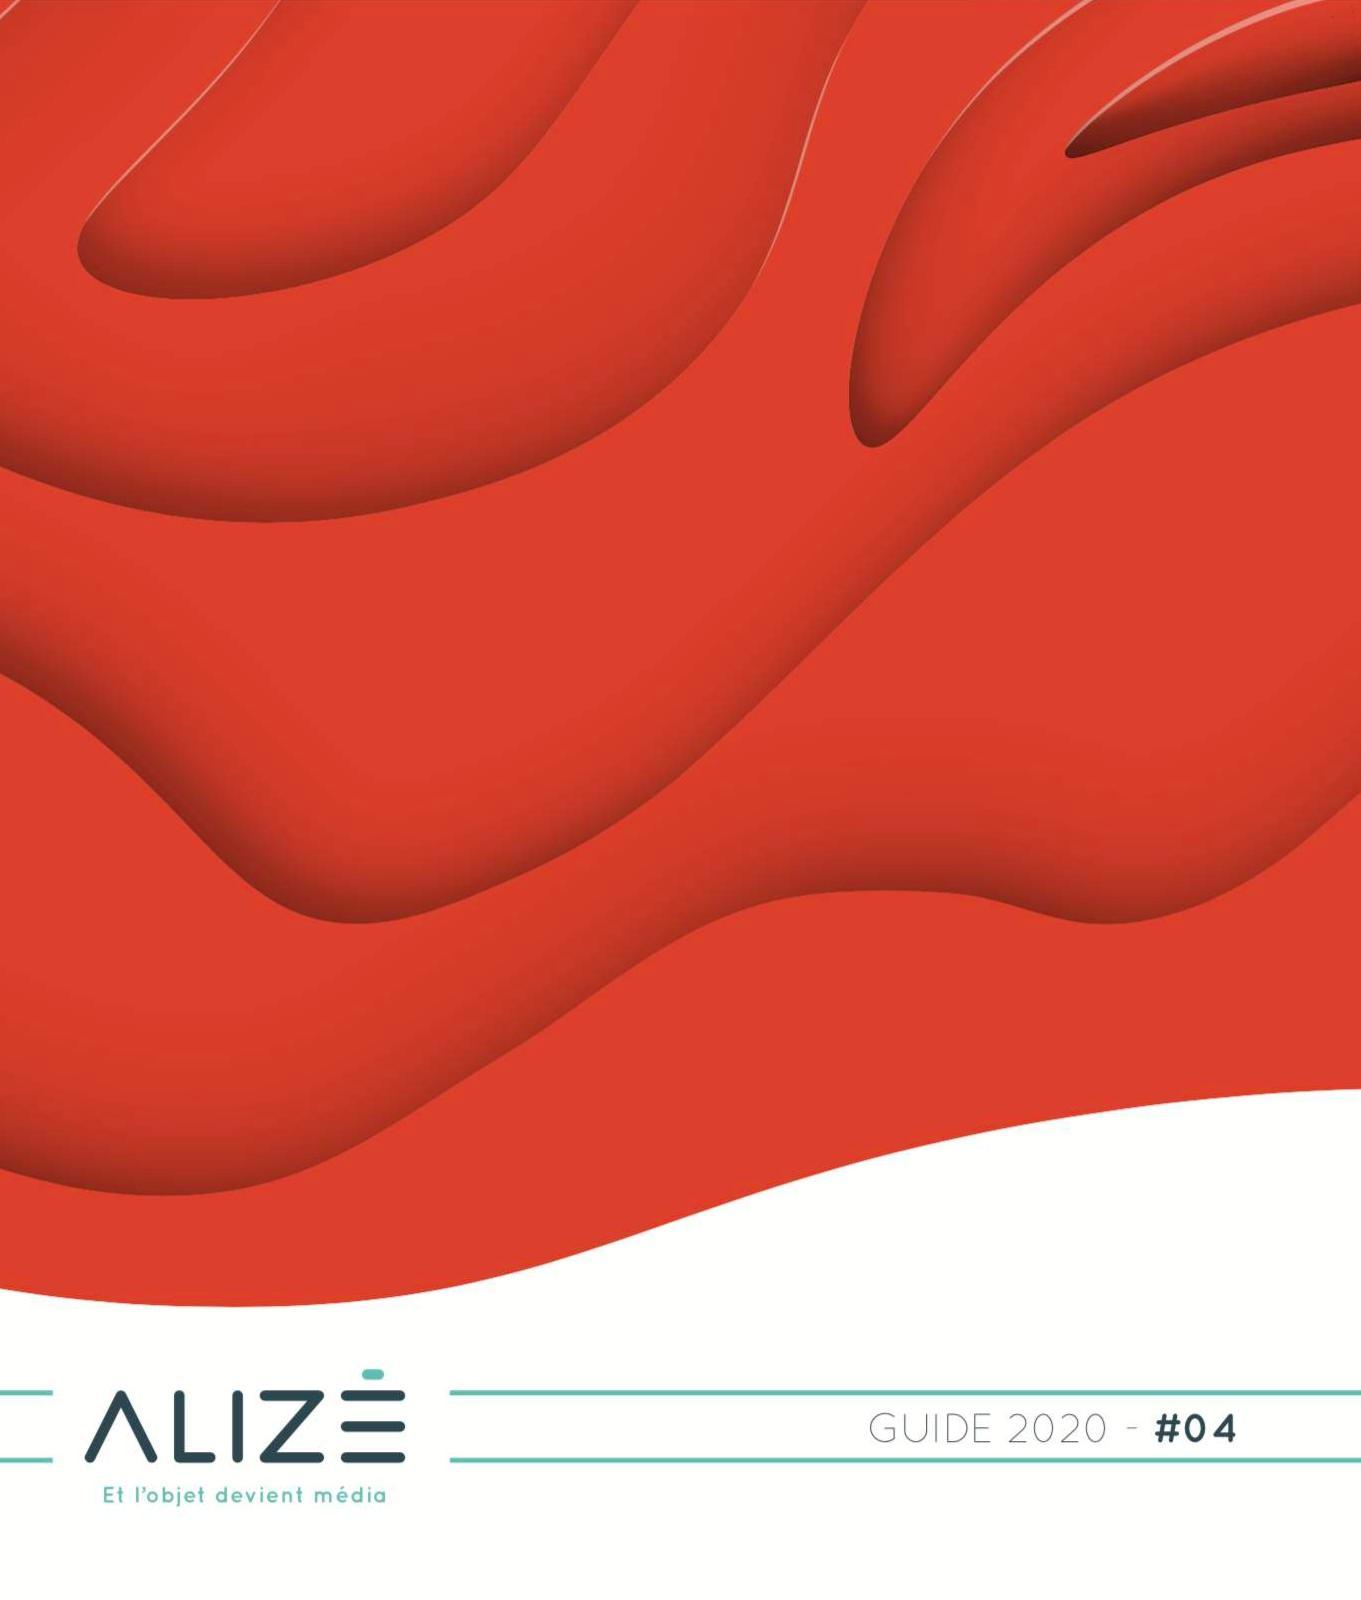 Bleu Ciel + Rose Sac de Voyage Double Sac Int/érieur /à Fermeture /à Glissi/ère CAILI 2 Pack Organiseur de Sac /à Main,Sac de Rangement Cosm/étique